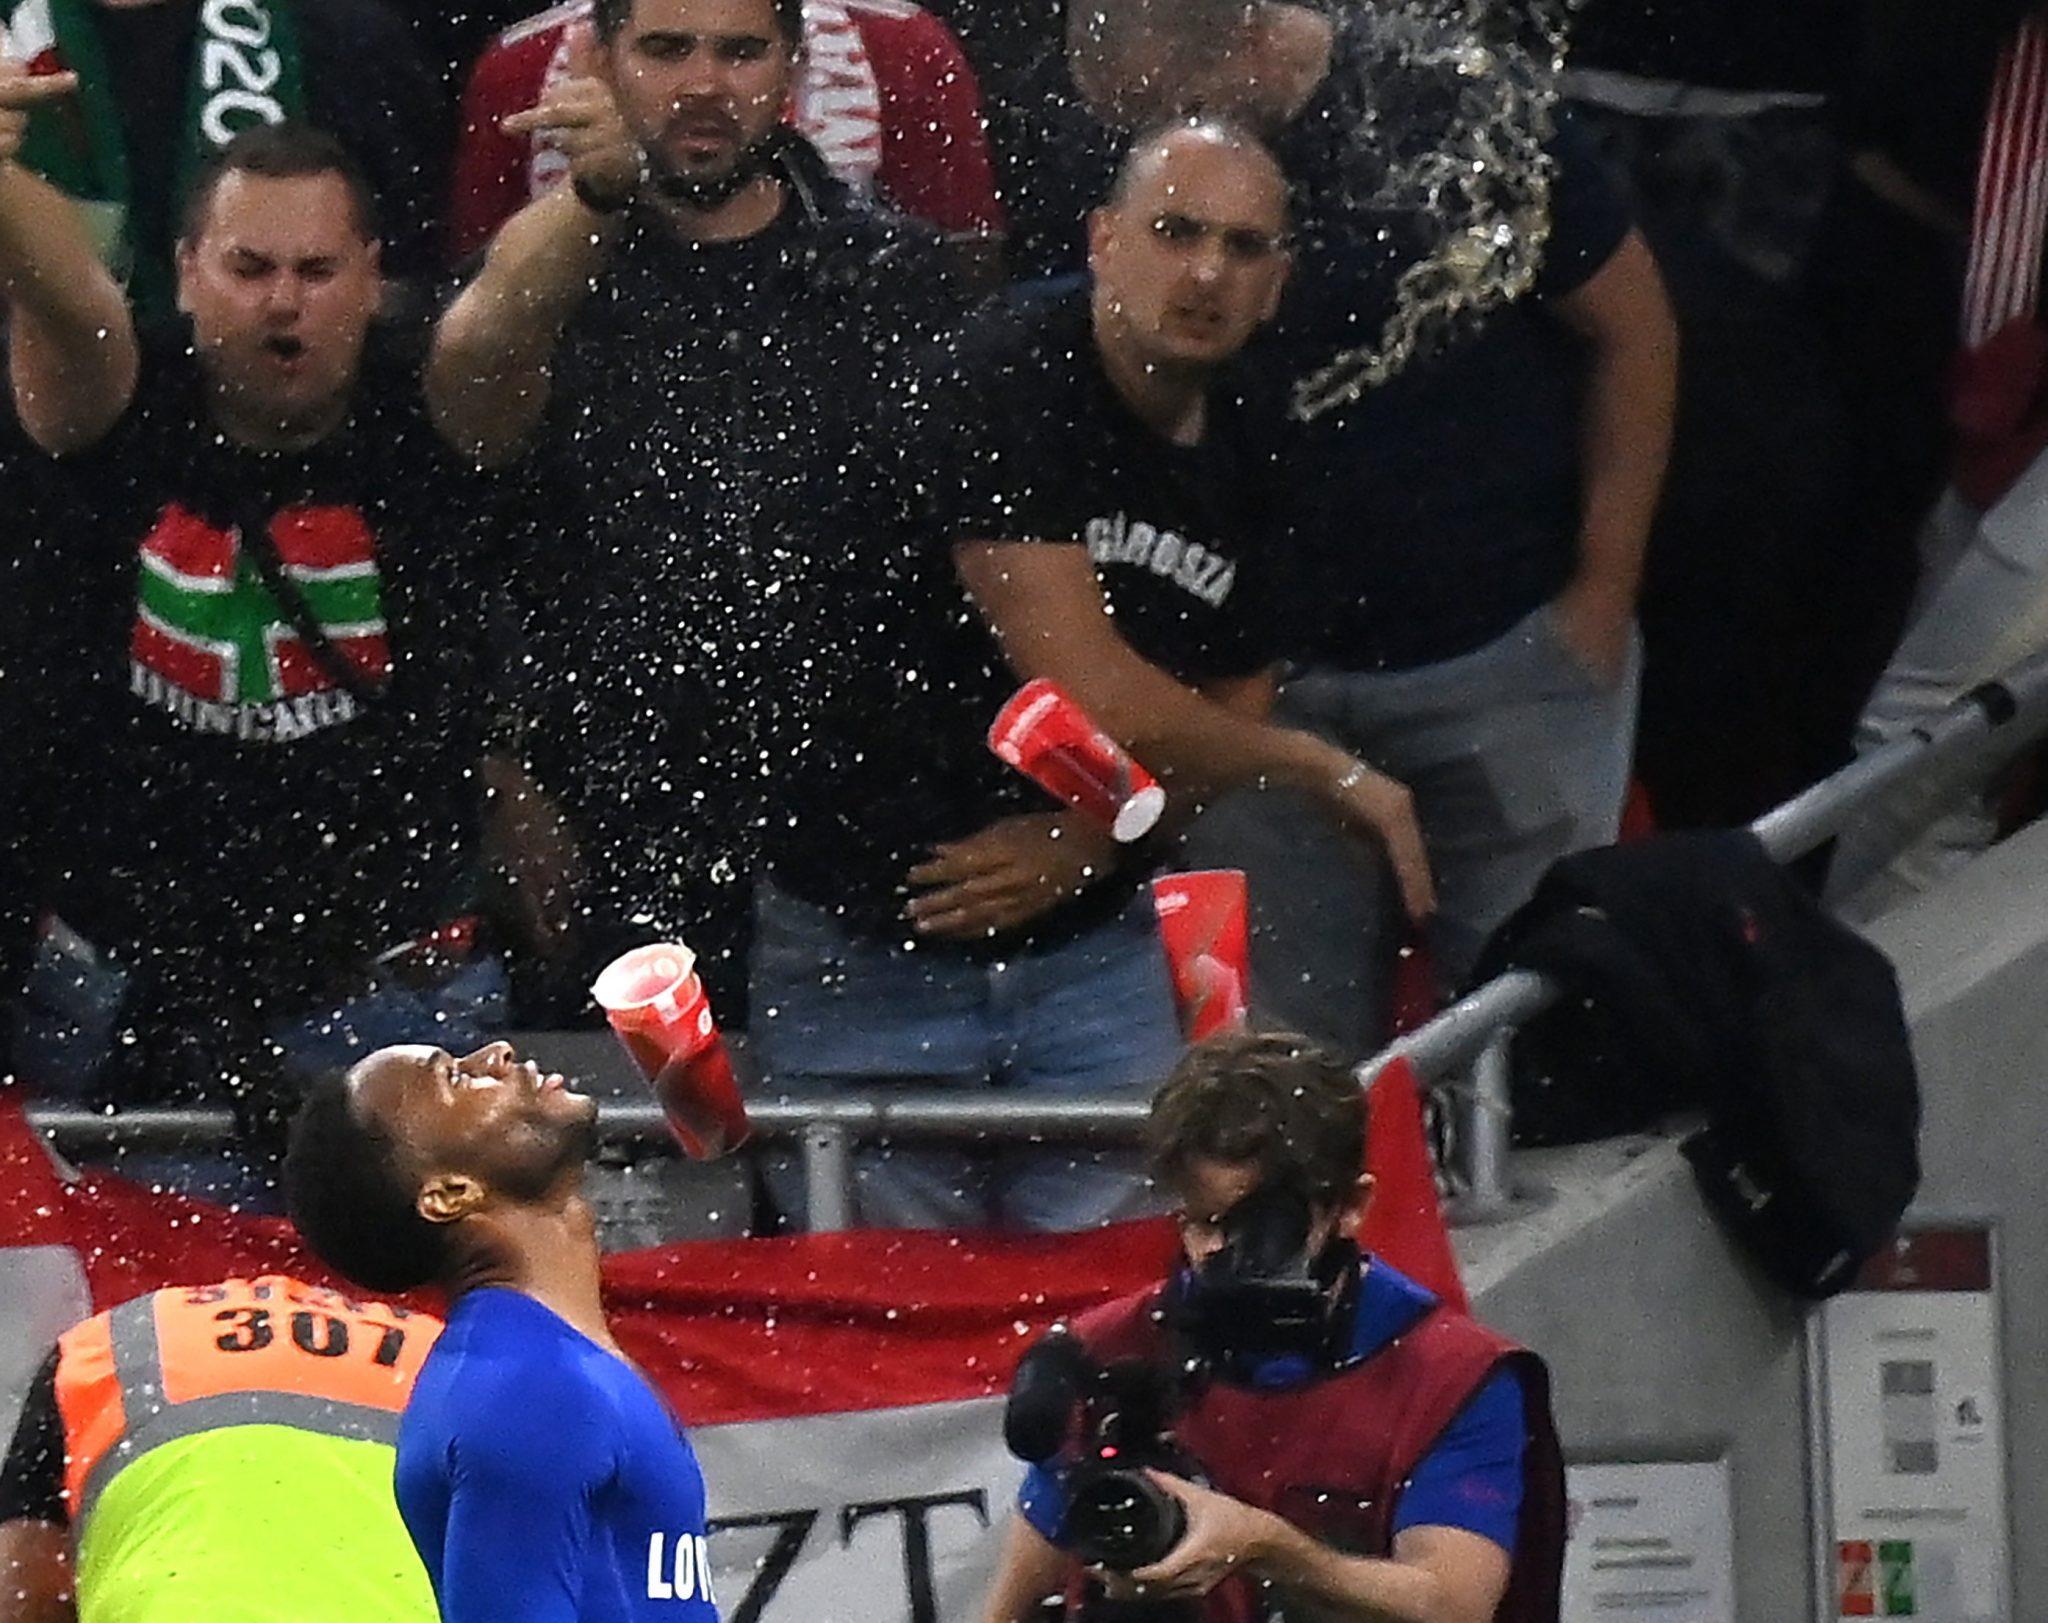 WM-Qualifikation: FIFA verhängt zwei Geisterspiele für Ungarn